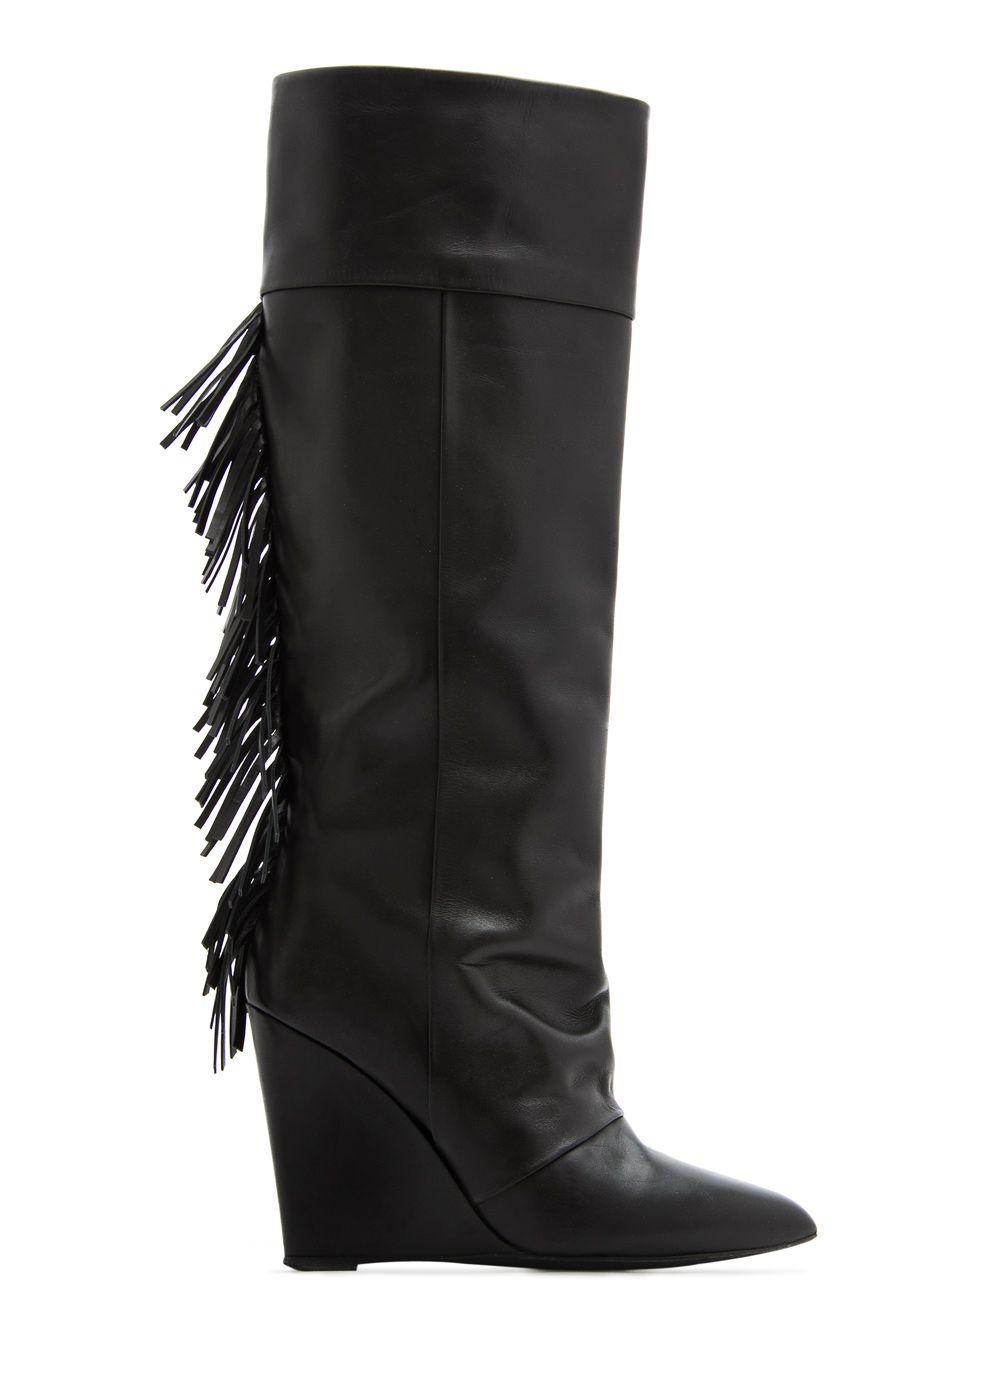 Femme Chaussure Cuir Bottes Talons Franges Talon Et Mango qzXzPEtn